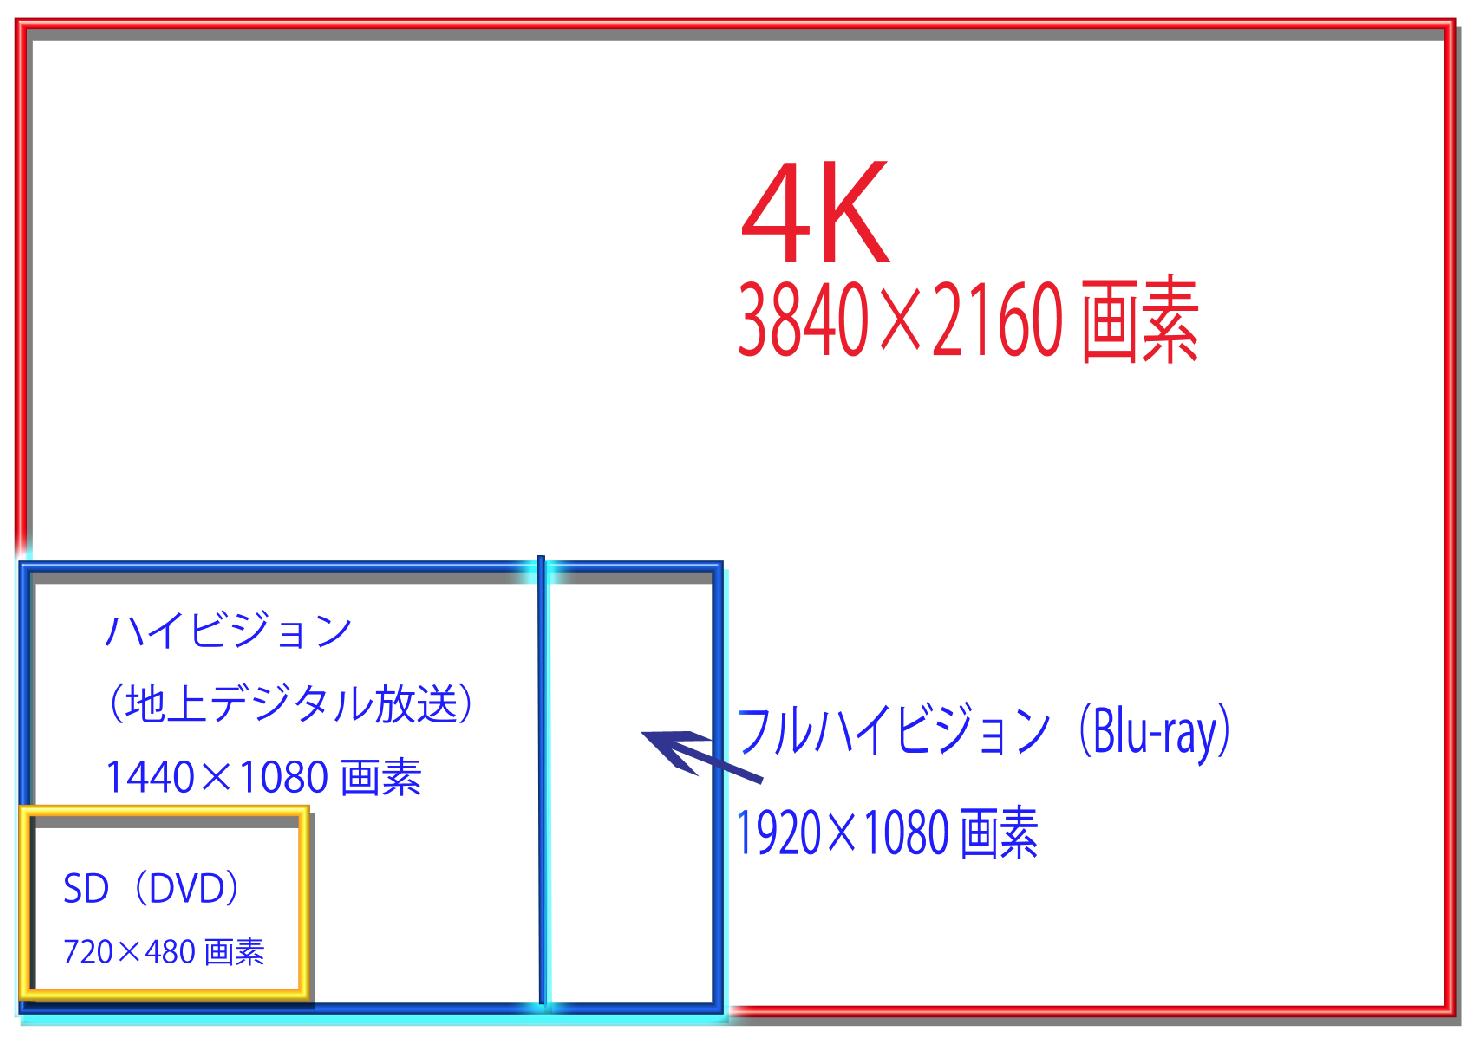 マネセツ148(岩城)50型ディスプレイが5万円台〜/図①